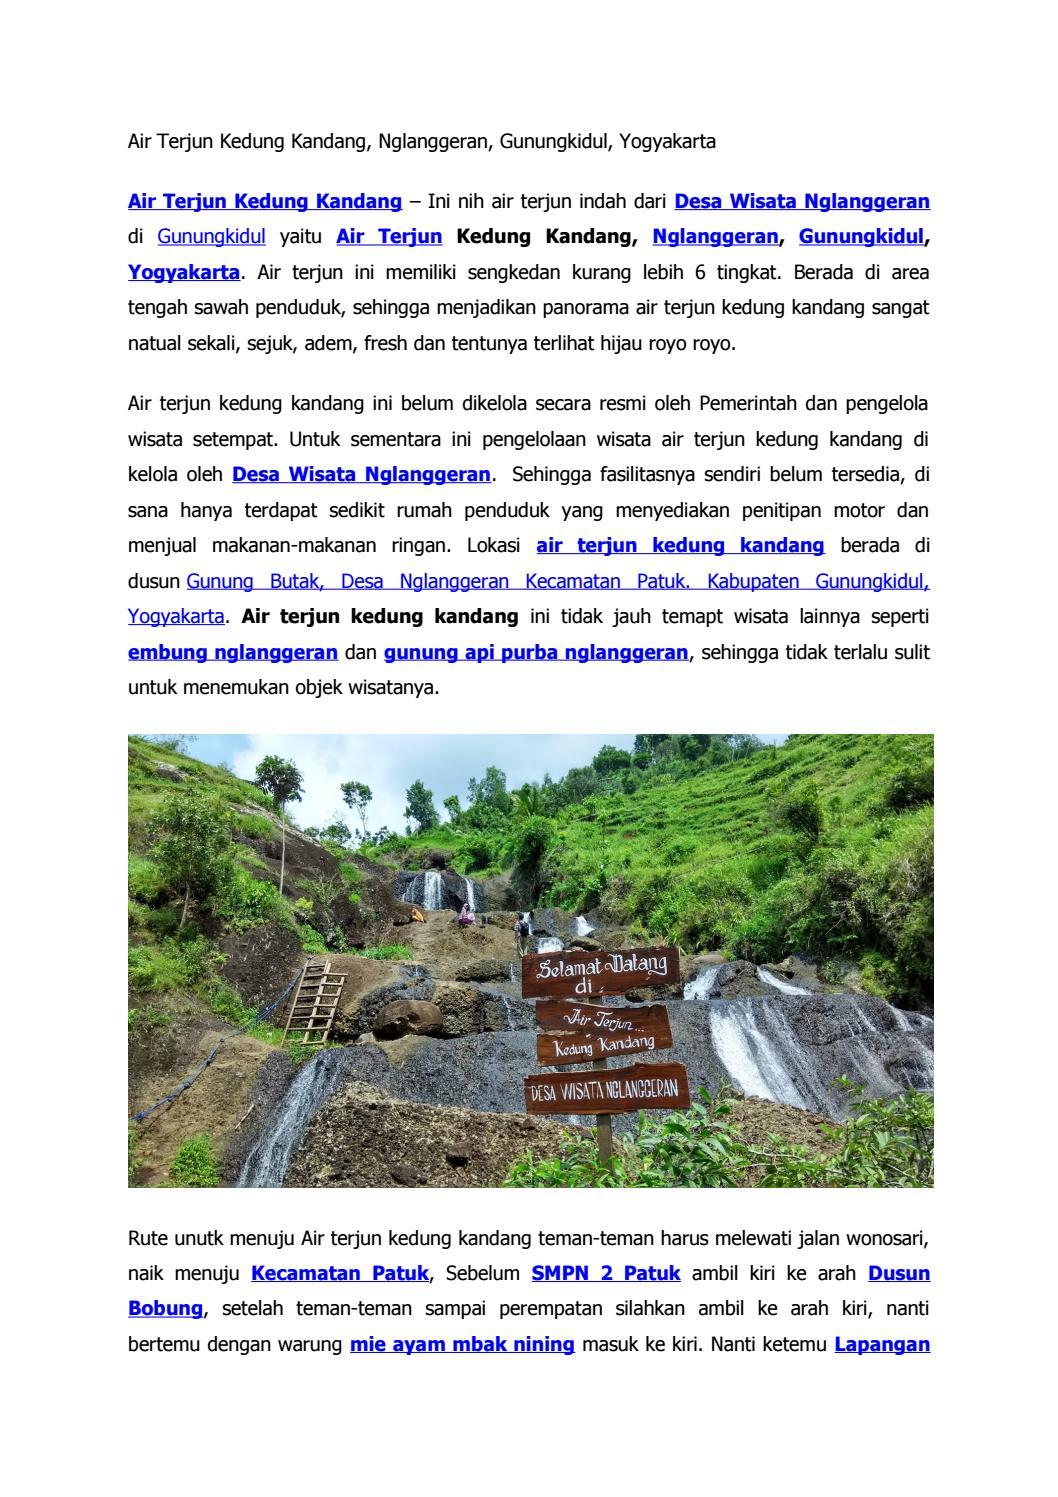 Air Terjun Kedung Kandang Nglanggeran Gunungkidul Yogyakarta Paket Wisata Tour